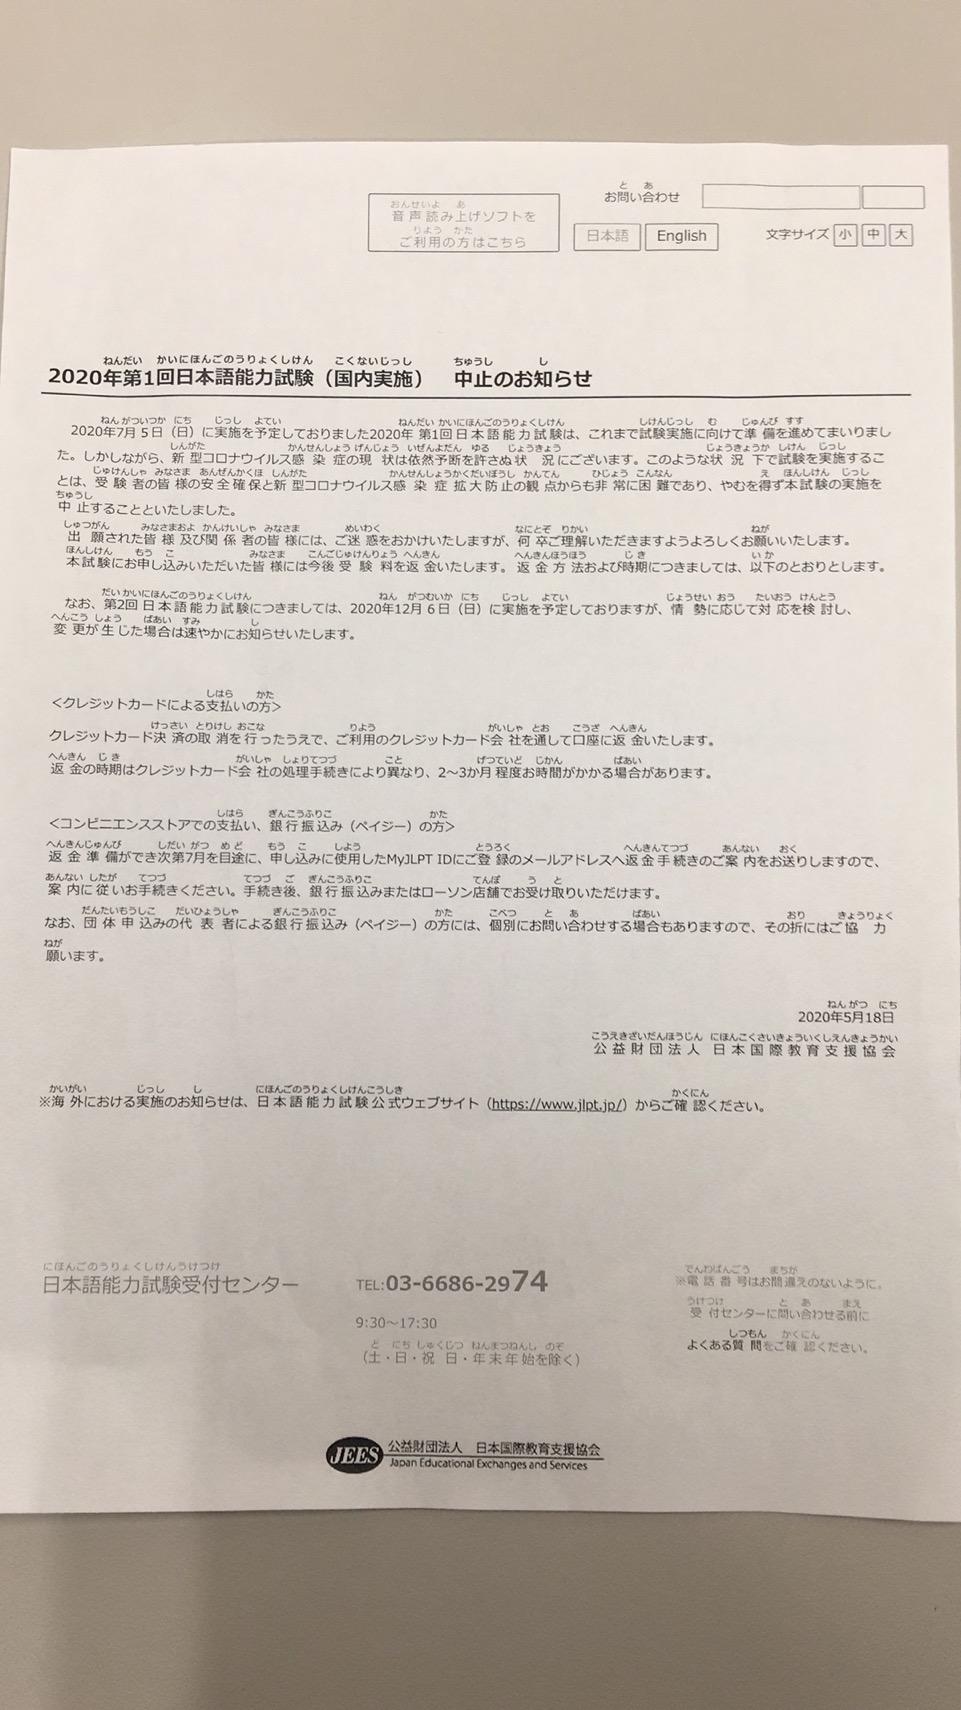 2020年7月日语能力考全面中止(包括日本及中国)